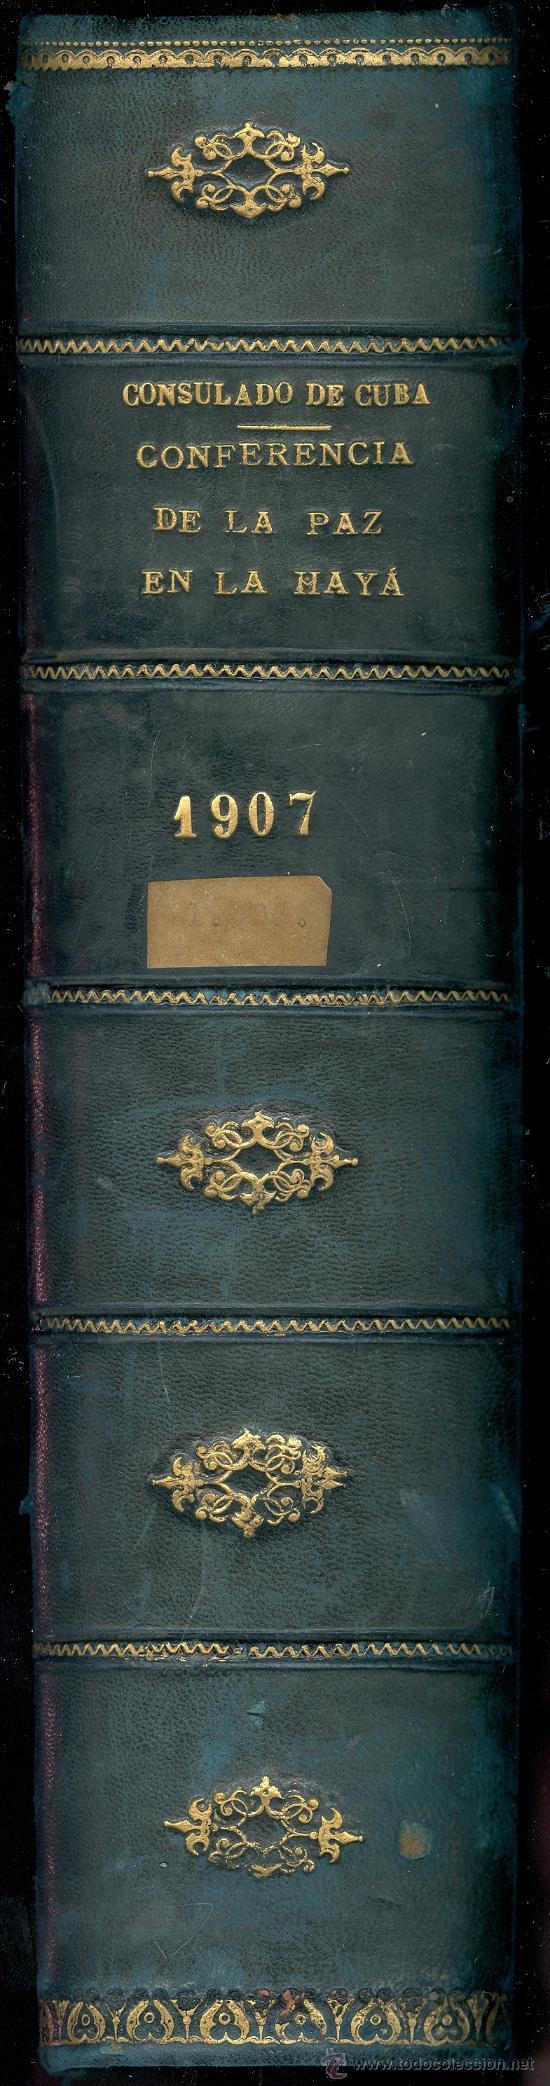 Libros antiguos: BUSTAMANTE, QUESADA y SANGUILLY. Conferencia de la Paz, de 1907. 2 vols. Habana, 1908. DIRI - Foto 2 - 32258422